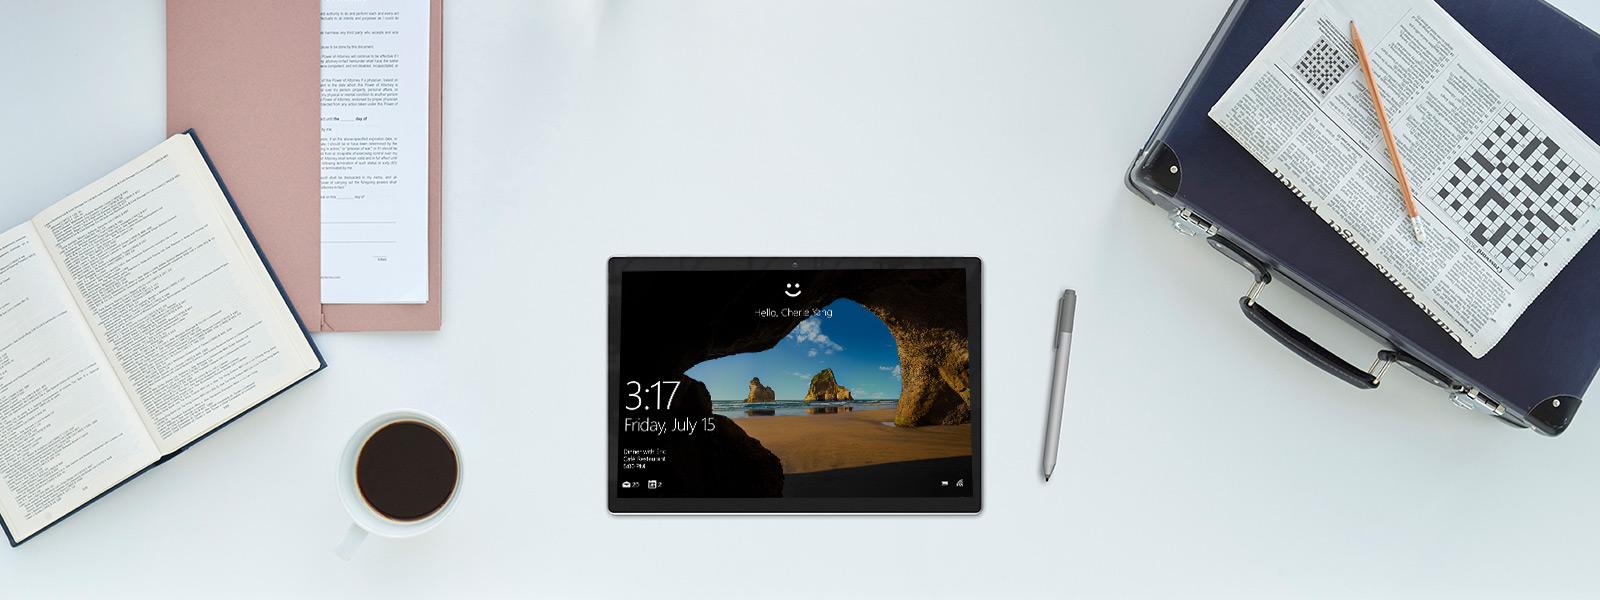 桌上放著 Surface Pro 4 平板電腦和 Surface 手寫筆的鳥瞰圖。